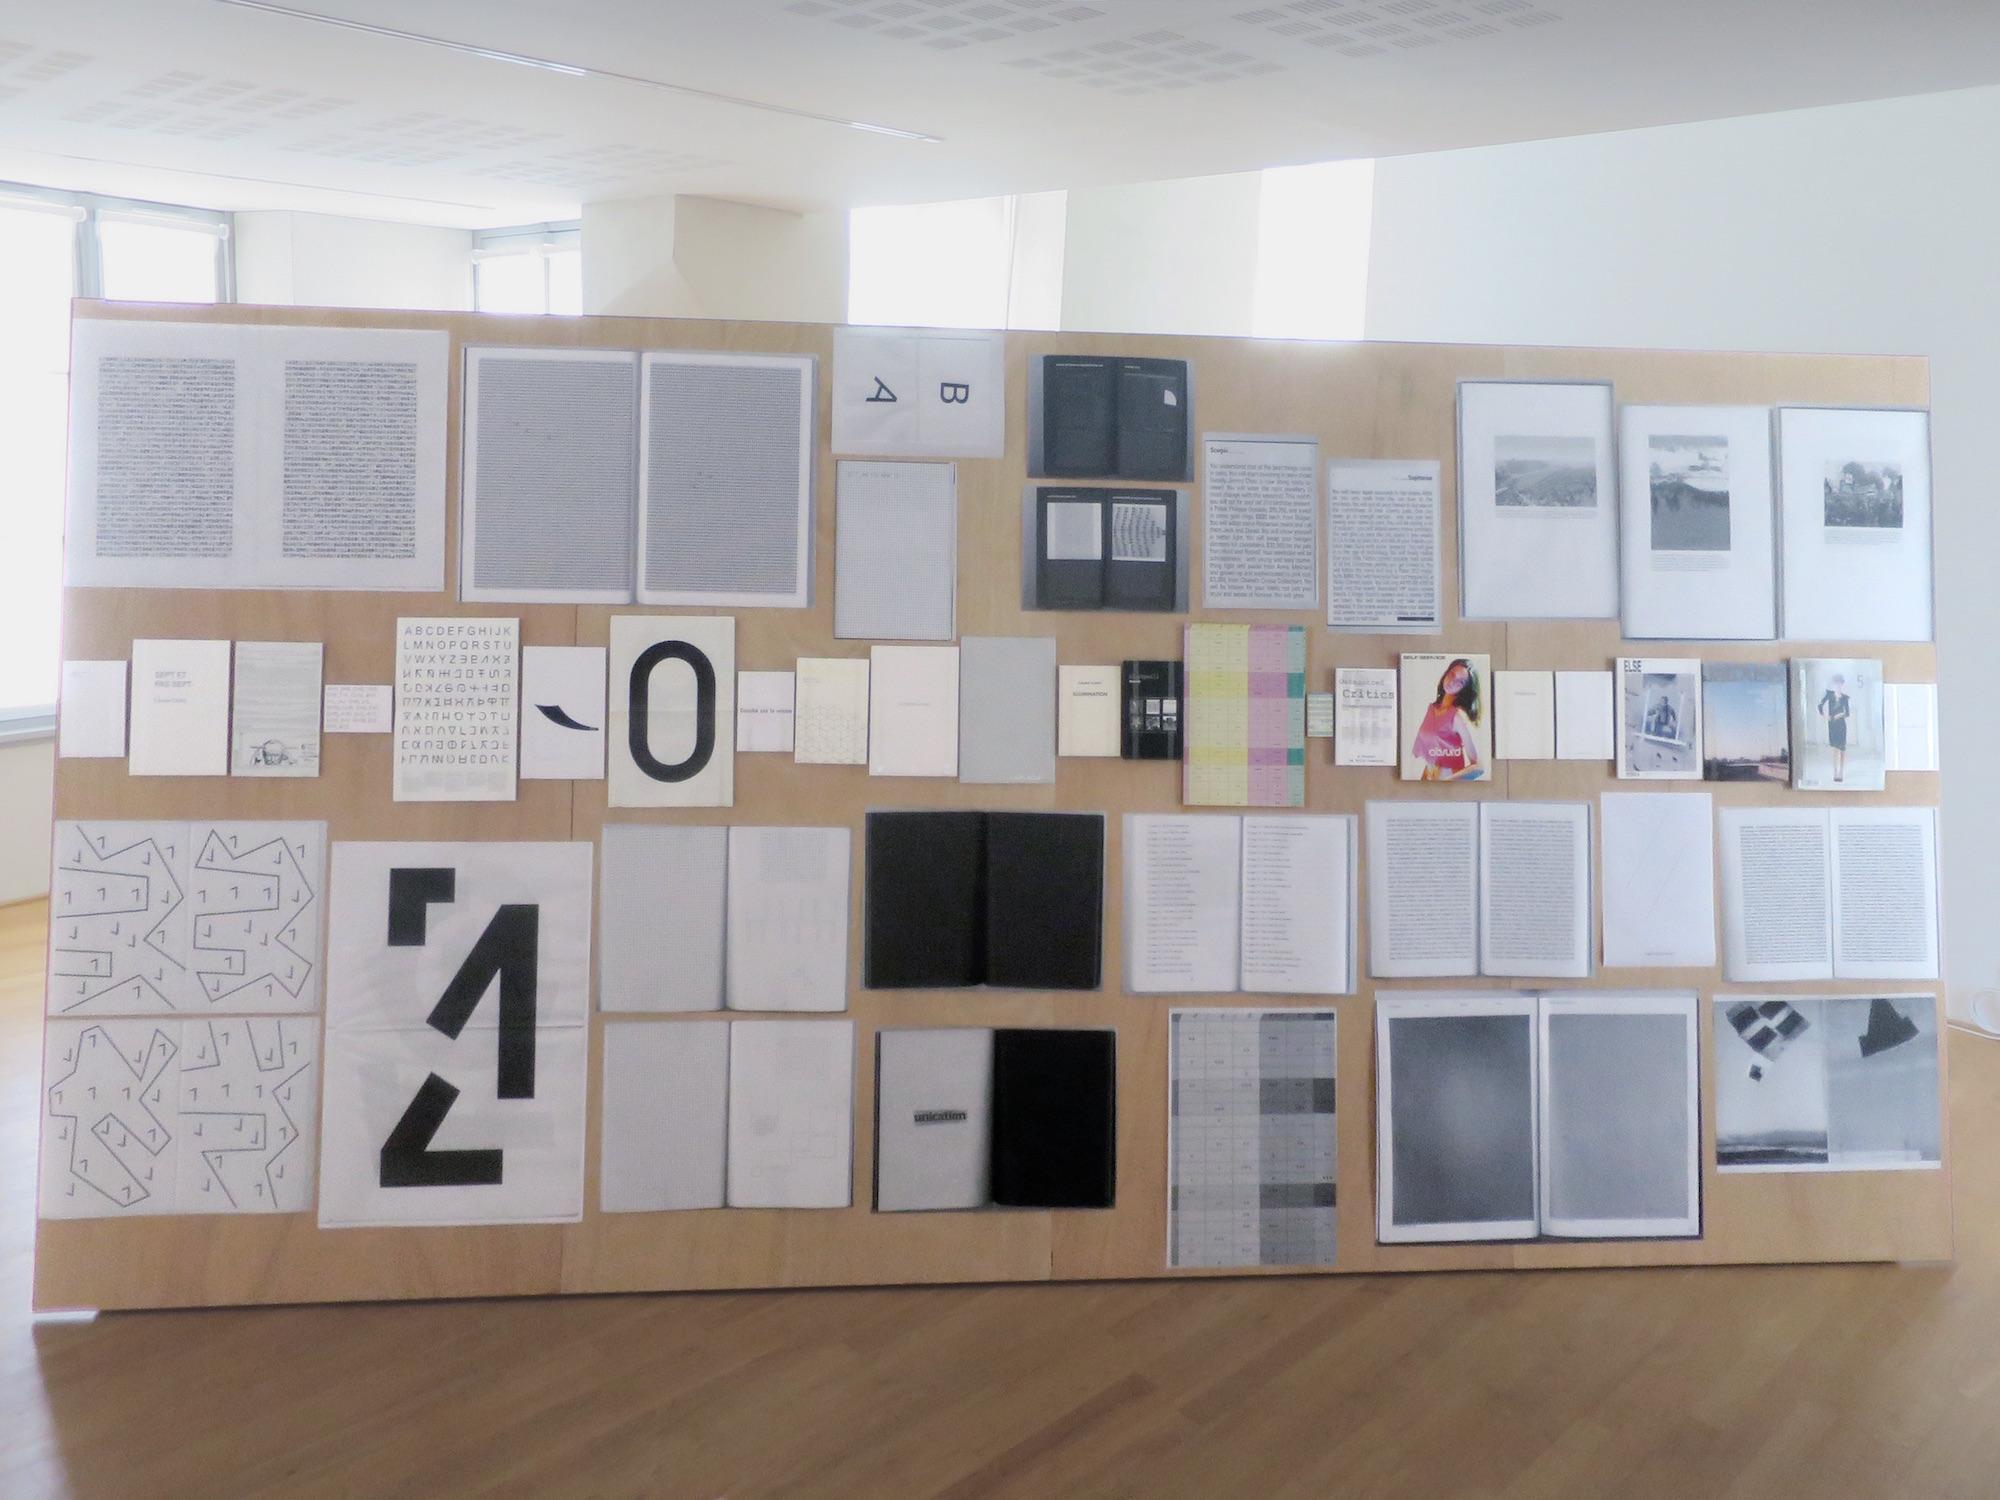 Claude Closky, 'ILUO,' Centre des livres d'artistes (CDLA), Saint-Yrieix-la-Perche. 23 June - 16 September 2017. Curated by Christian Lebrat, Didier Mathieu. Salle 4.jpg